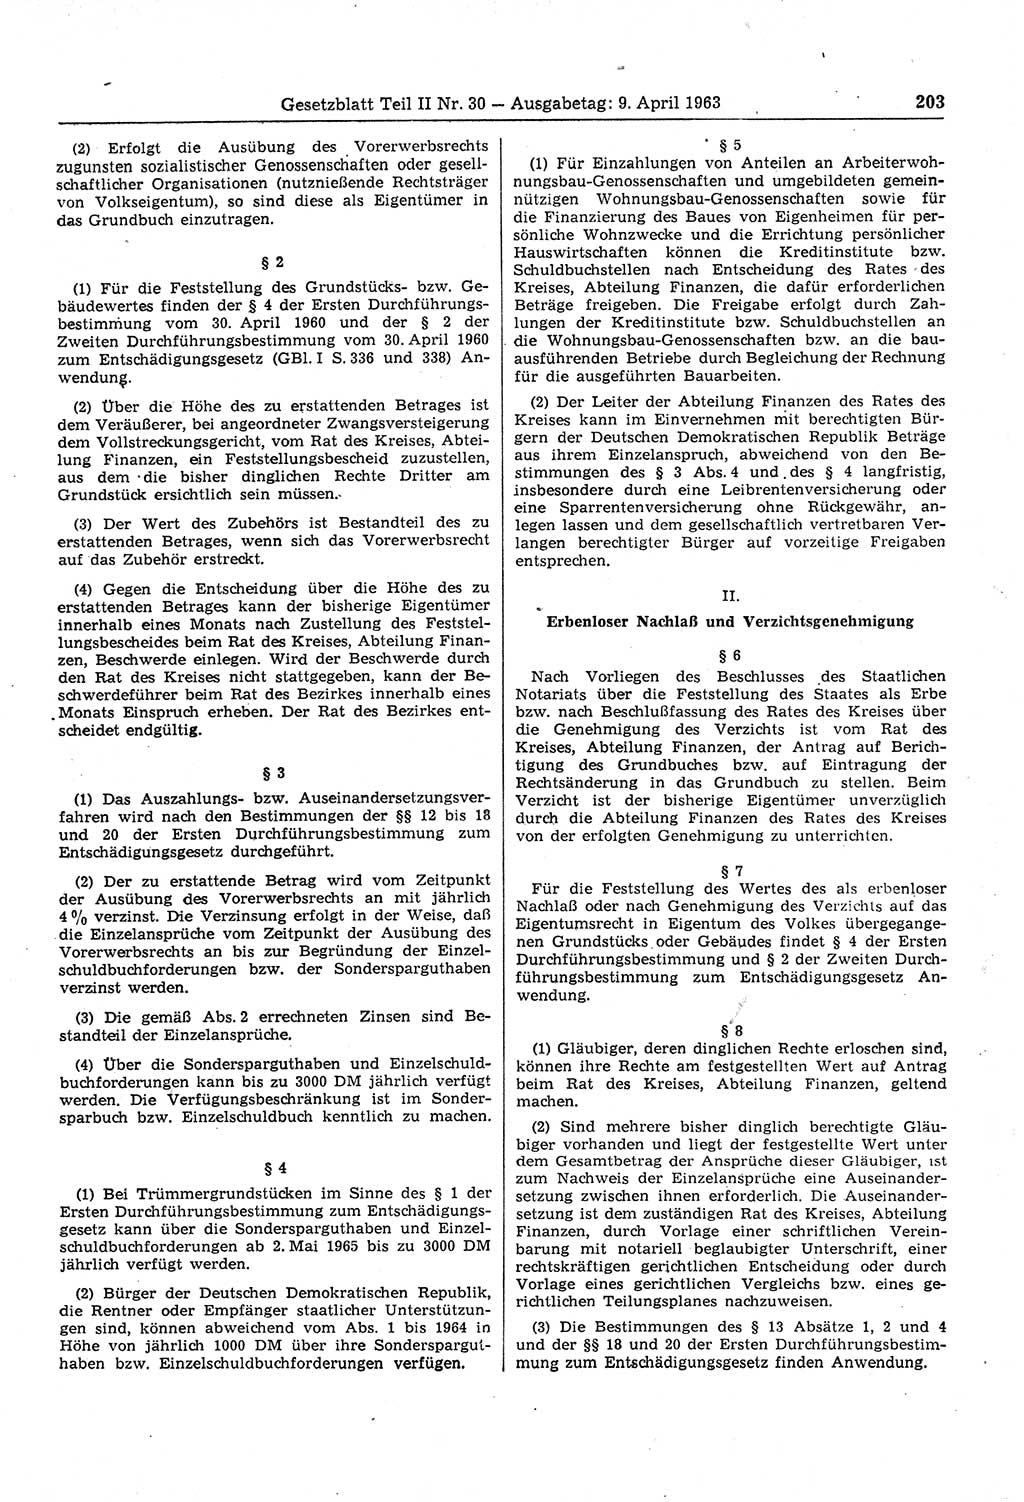 Gesetzblatt (GBl.) DDR Teil ⅠⅠ 1963, S. 203; Gesetzblatt ...